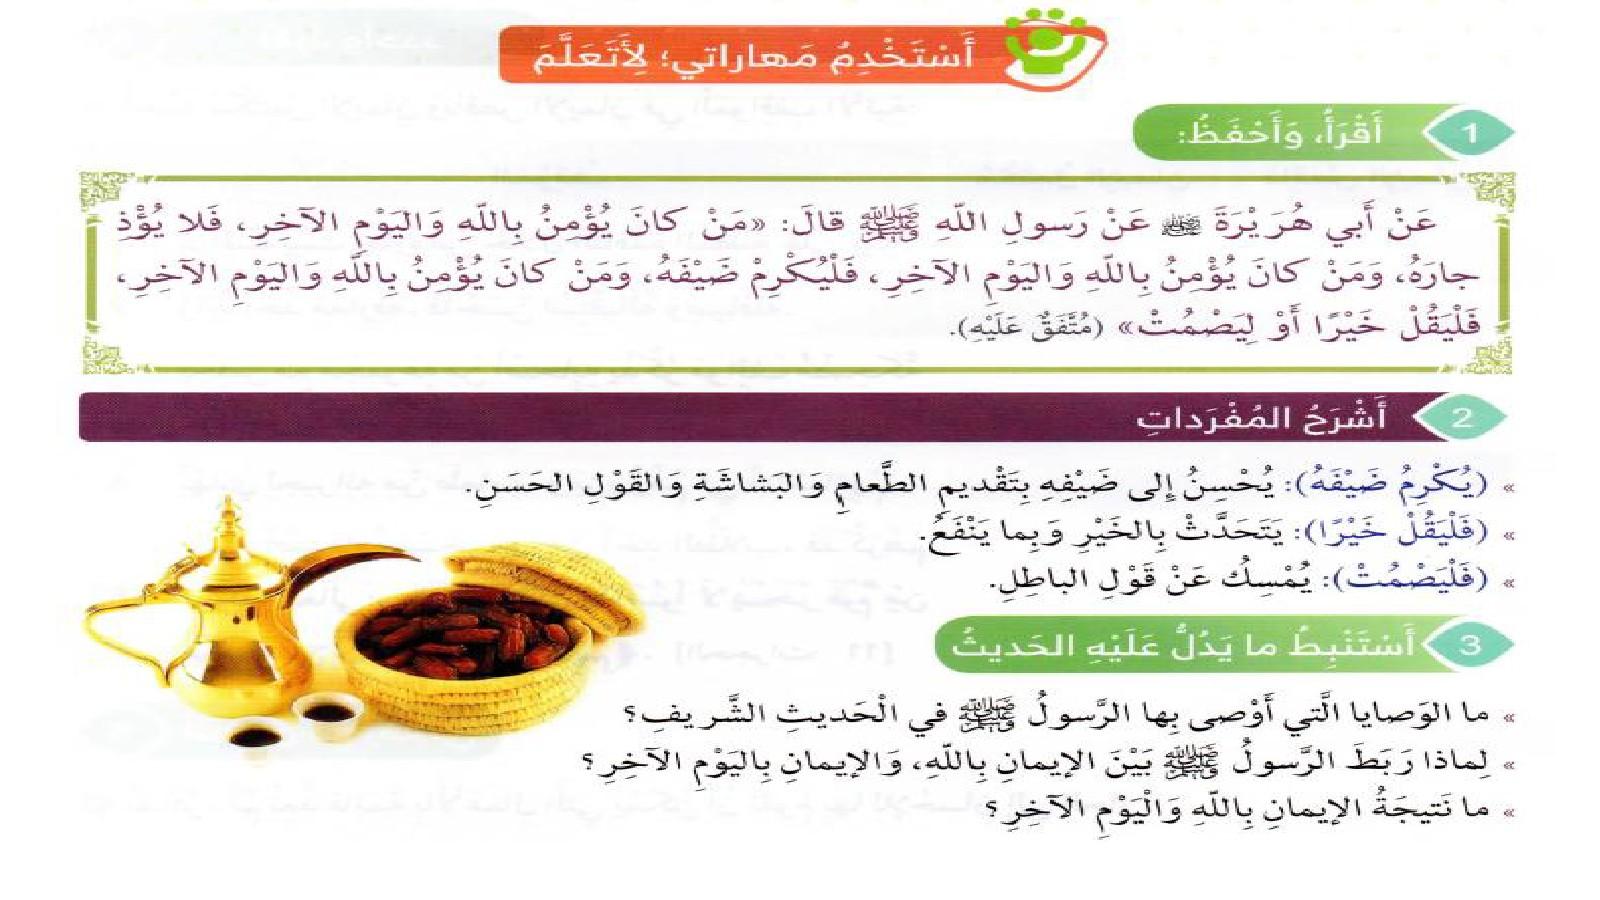 حلول الدرس الثالث في مادة التربية الاسلامية للصف الرابع 2019